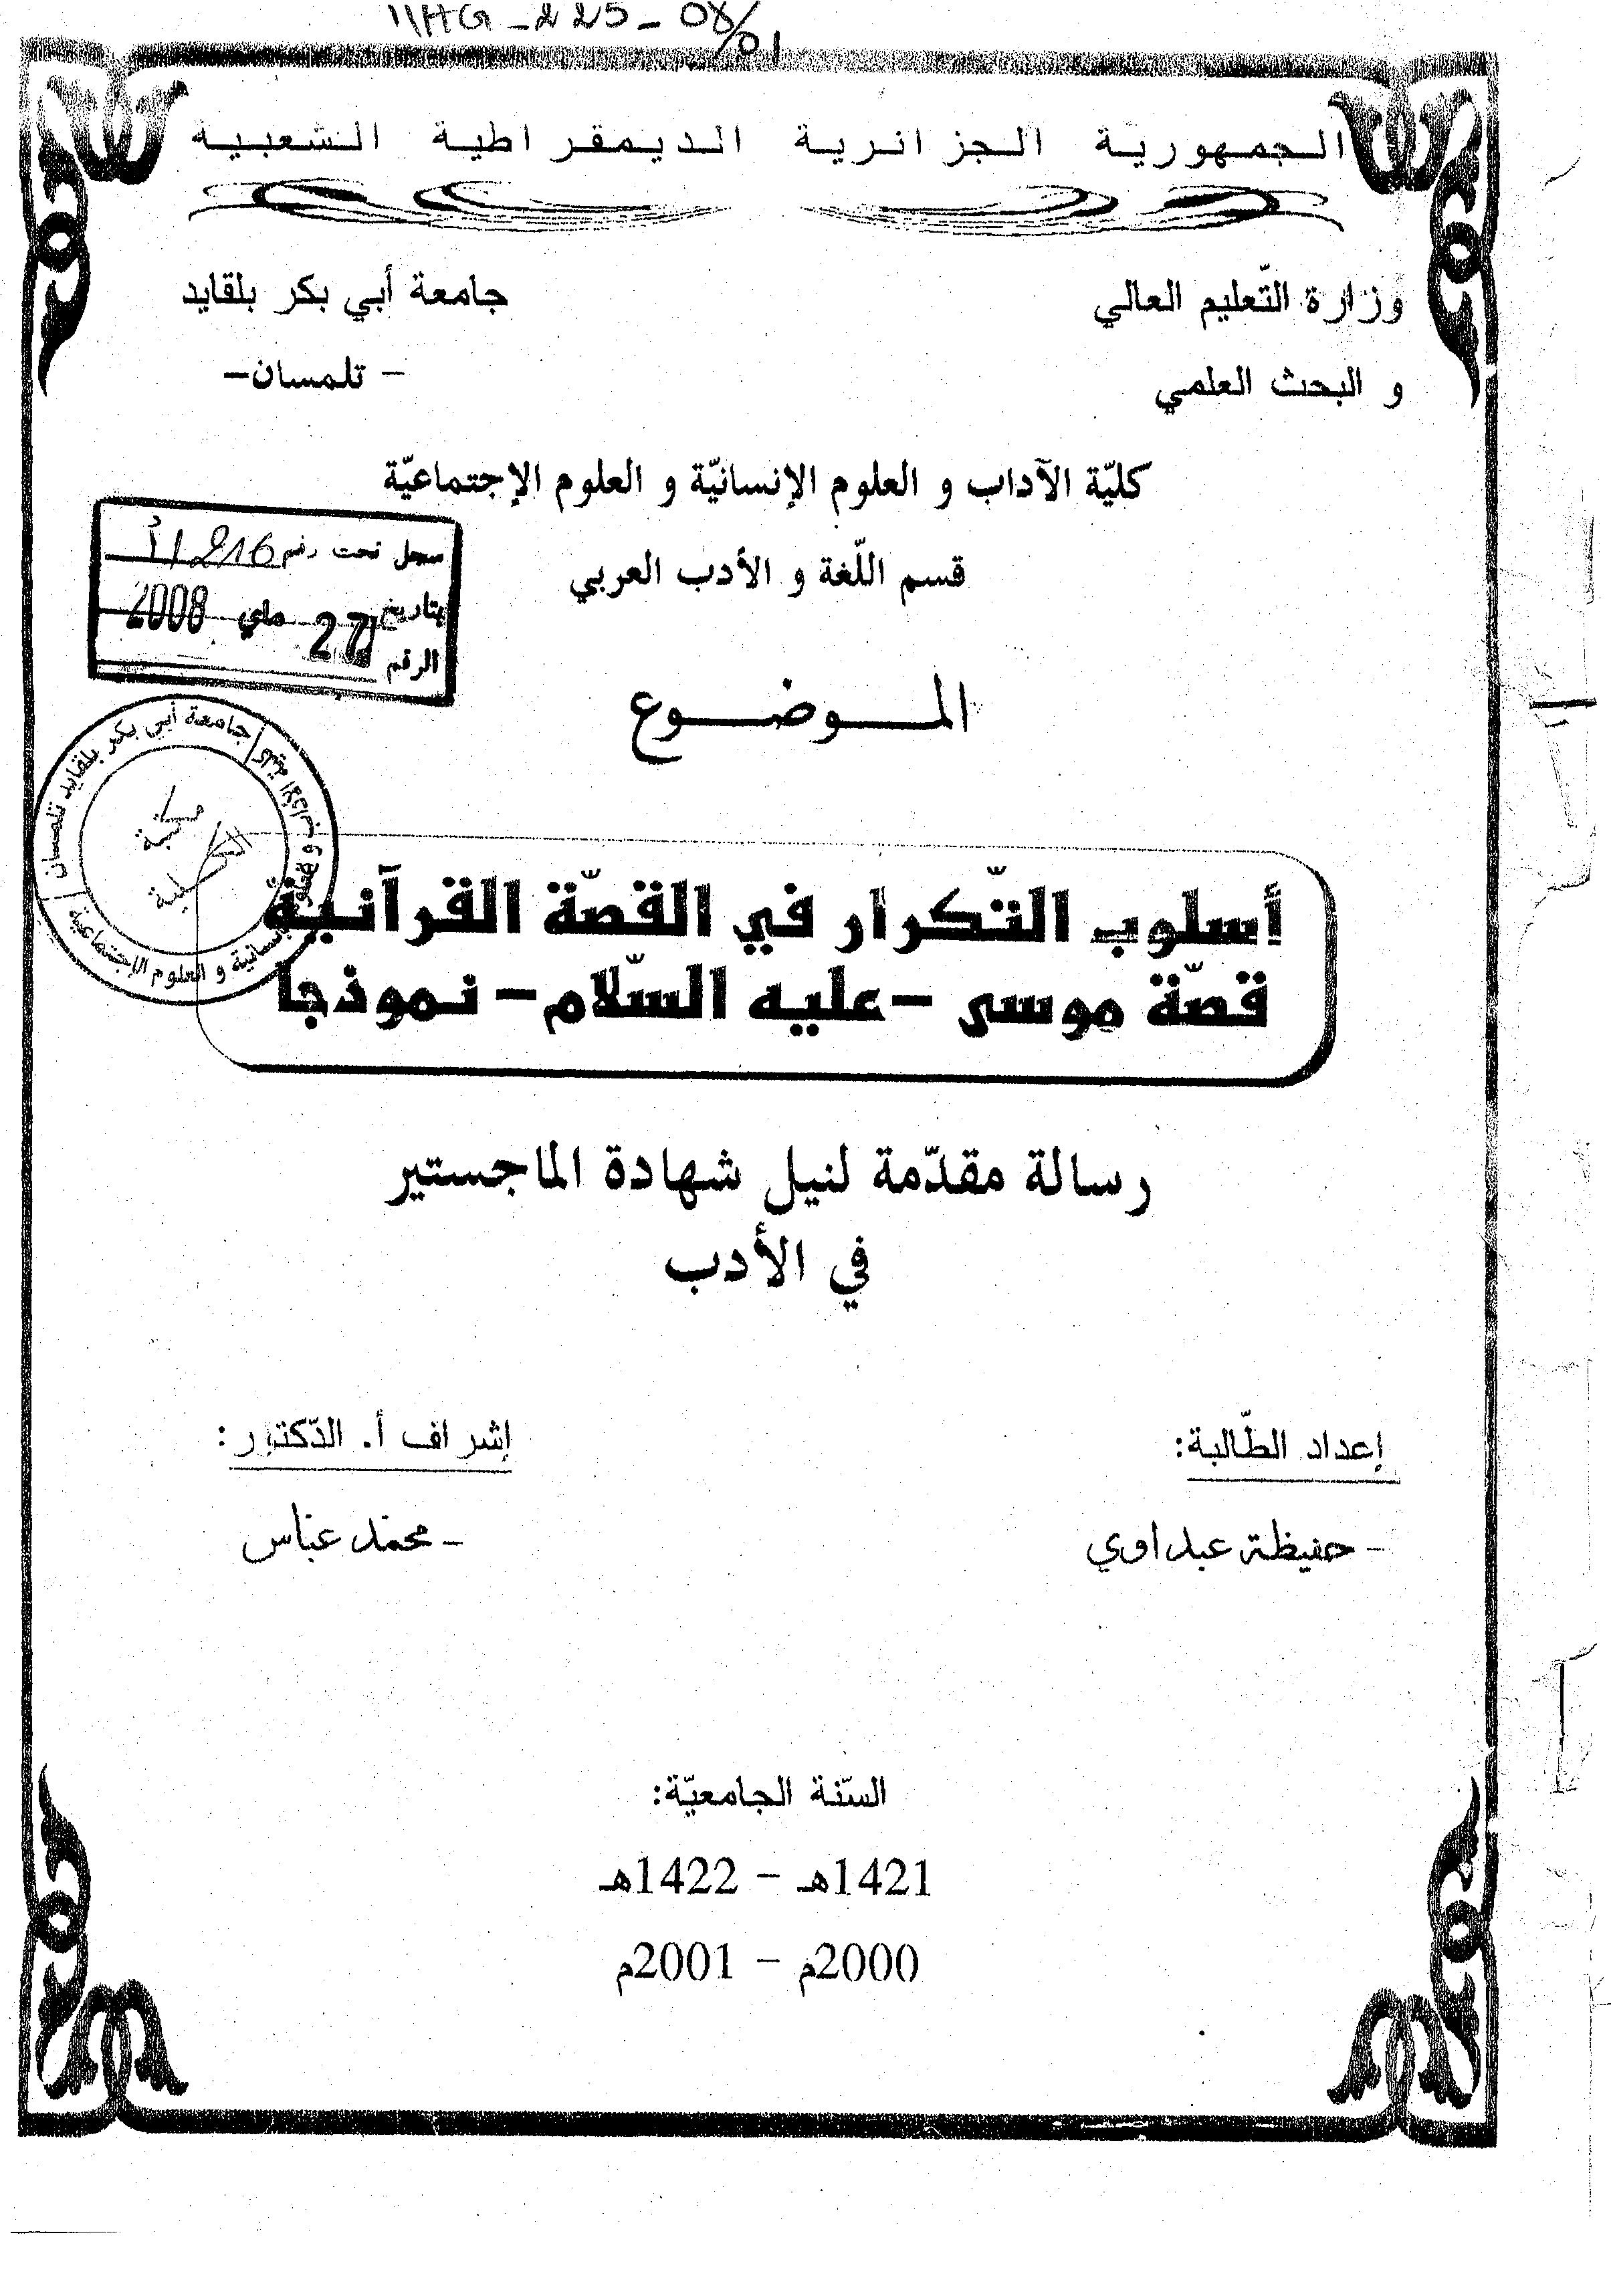 تحميل كتاب أسلوب التكرار في القصة القرآنية: قصة موسى عليه السلام نموذجًا للمؤلف: حفيظة عبداوي